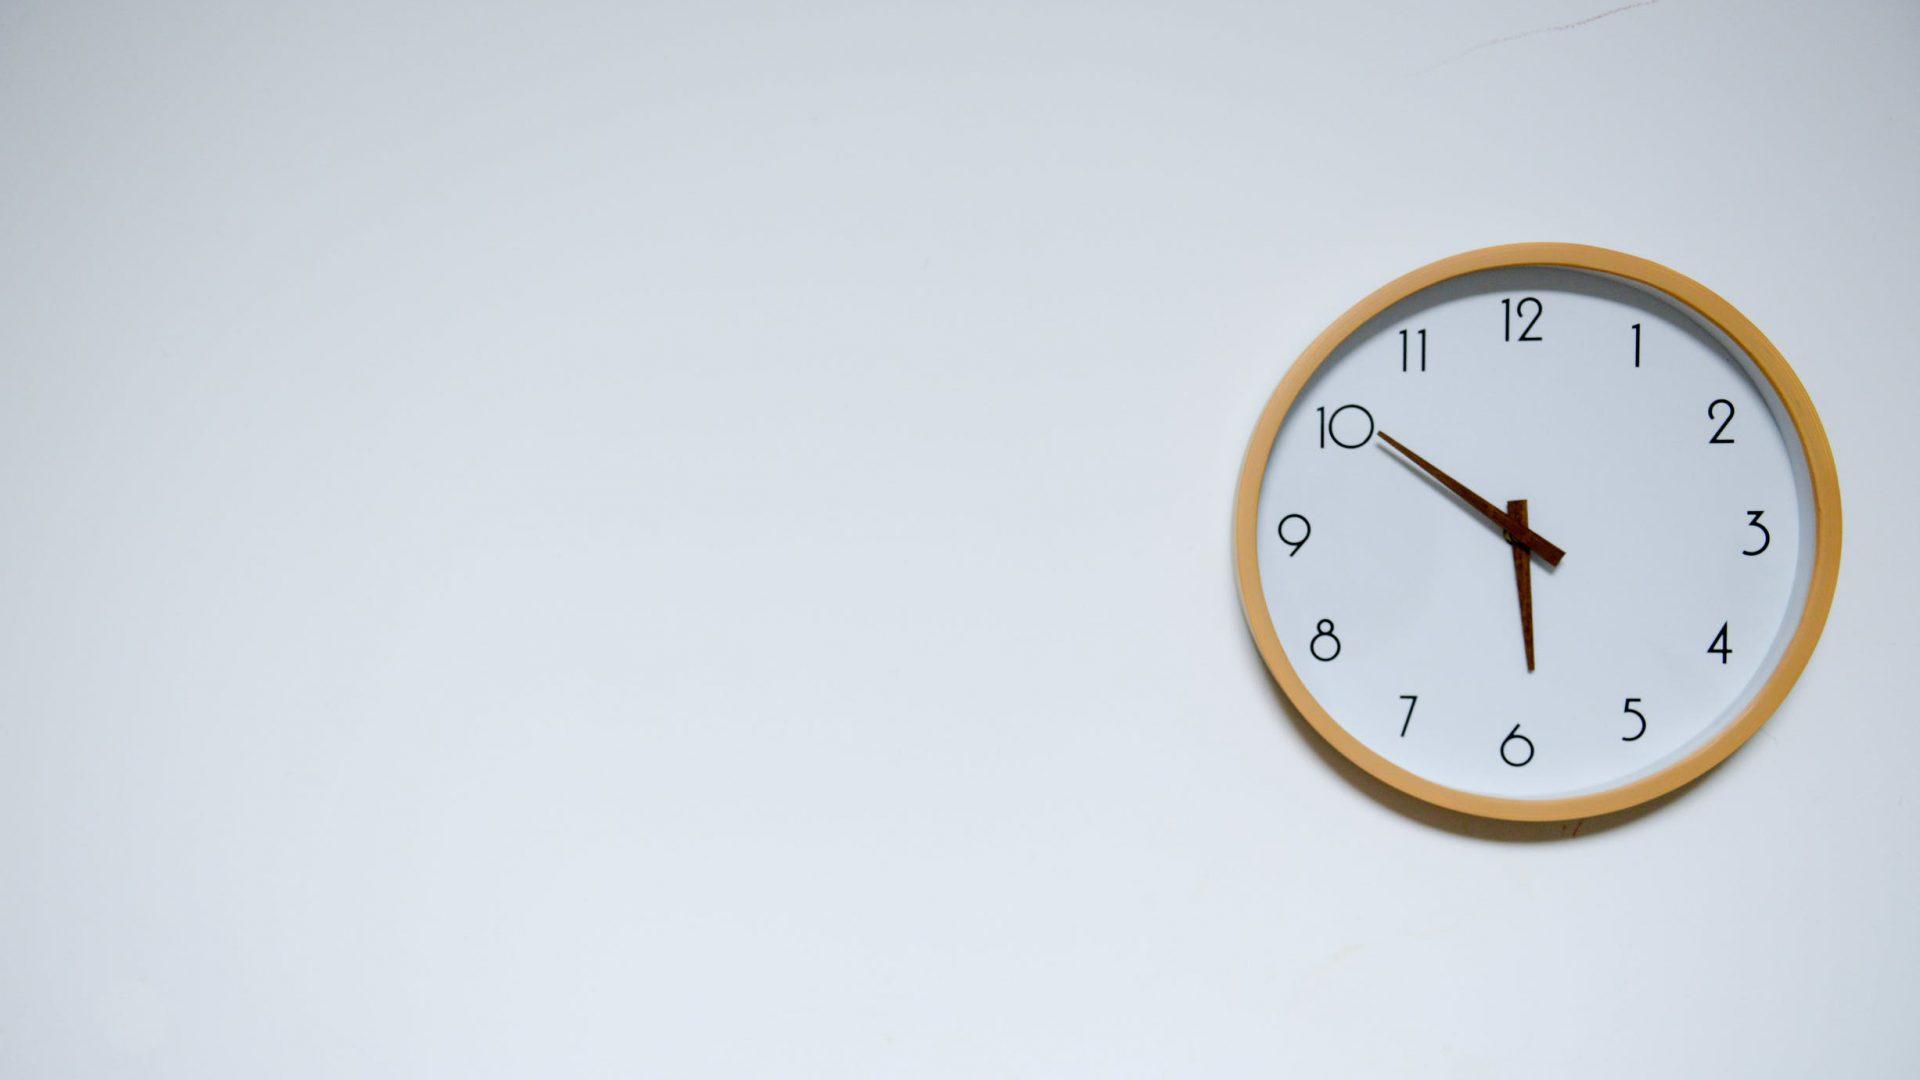 Imola, farmacia dell'Ospedale: nuovi orari di apertura al sabato pomeriggio fino a Gennaio 2019.